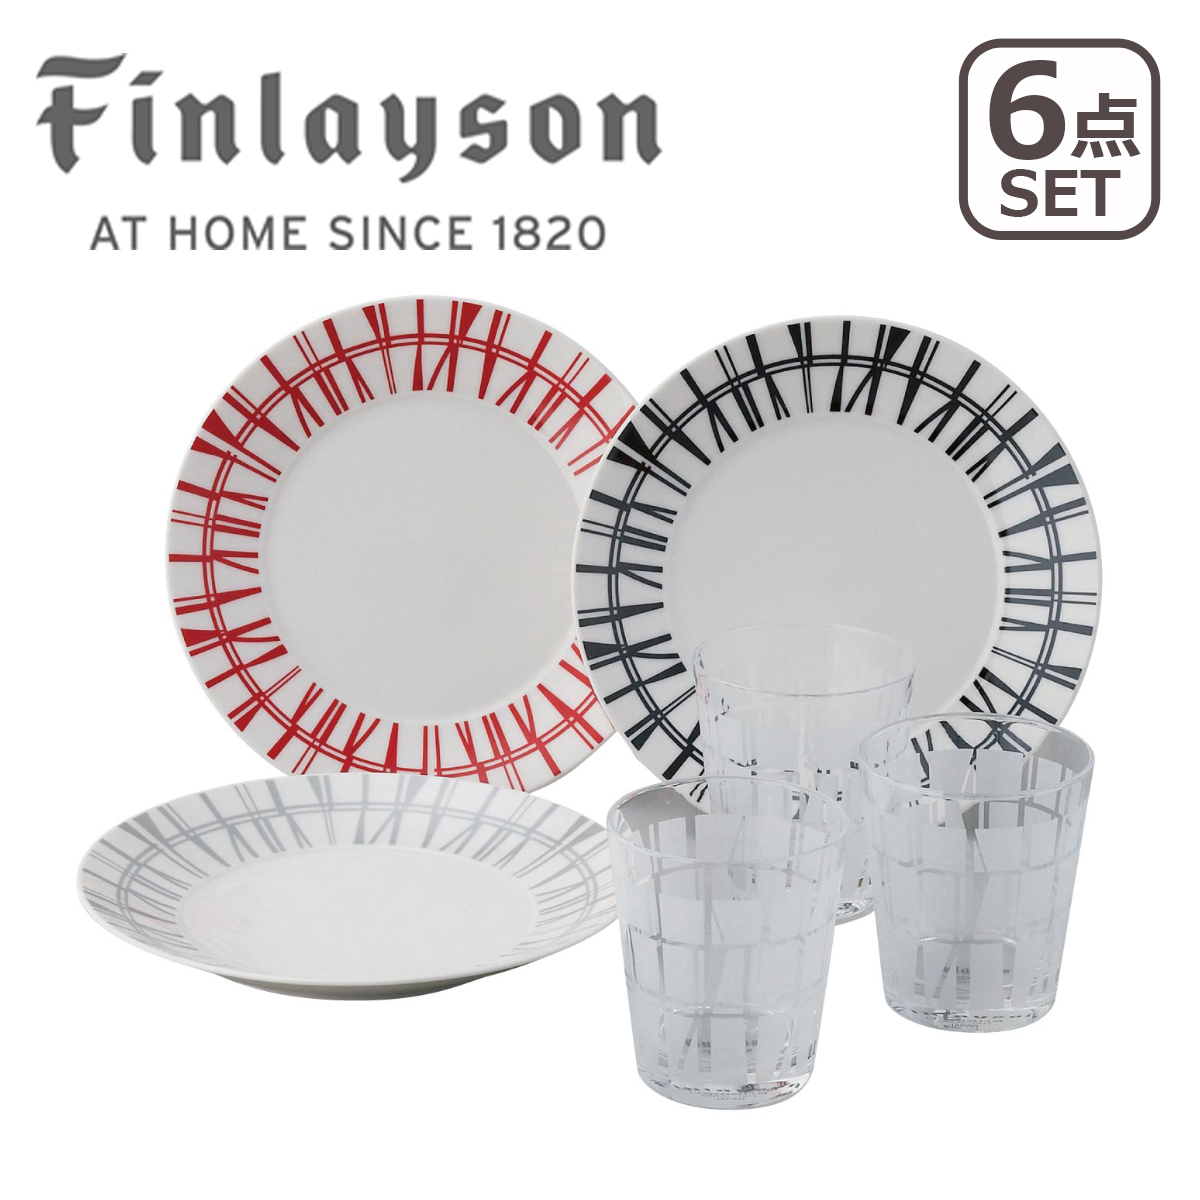 ポイント5倍!Finlayson(フィンレイソン)コロナ プレート&タンブラートリオセット 北海道・沖縄は別途962円加算